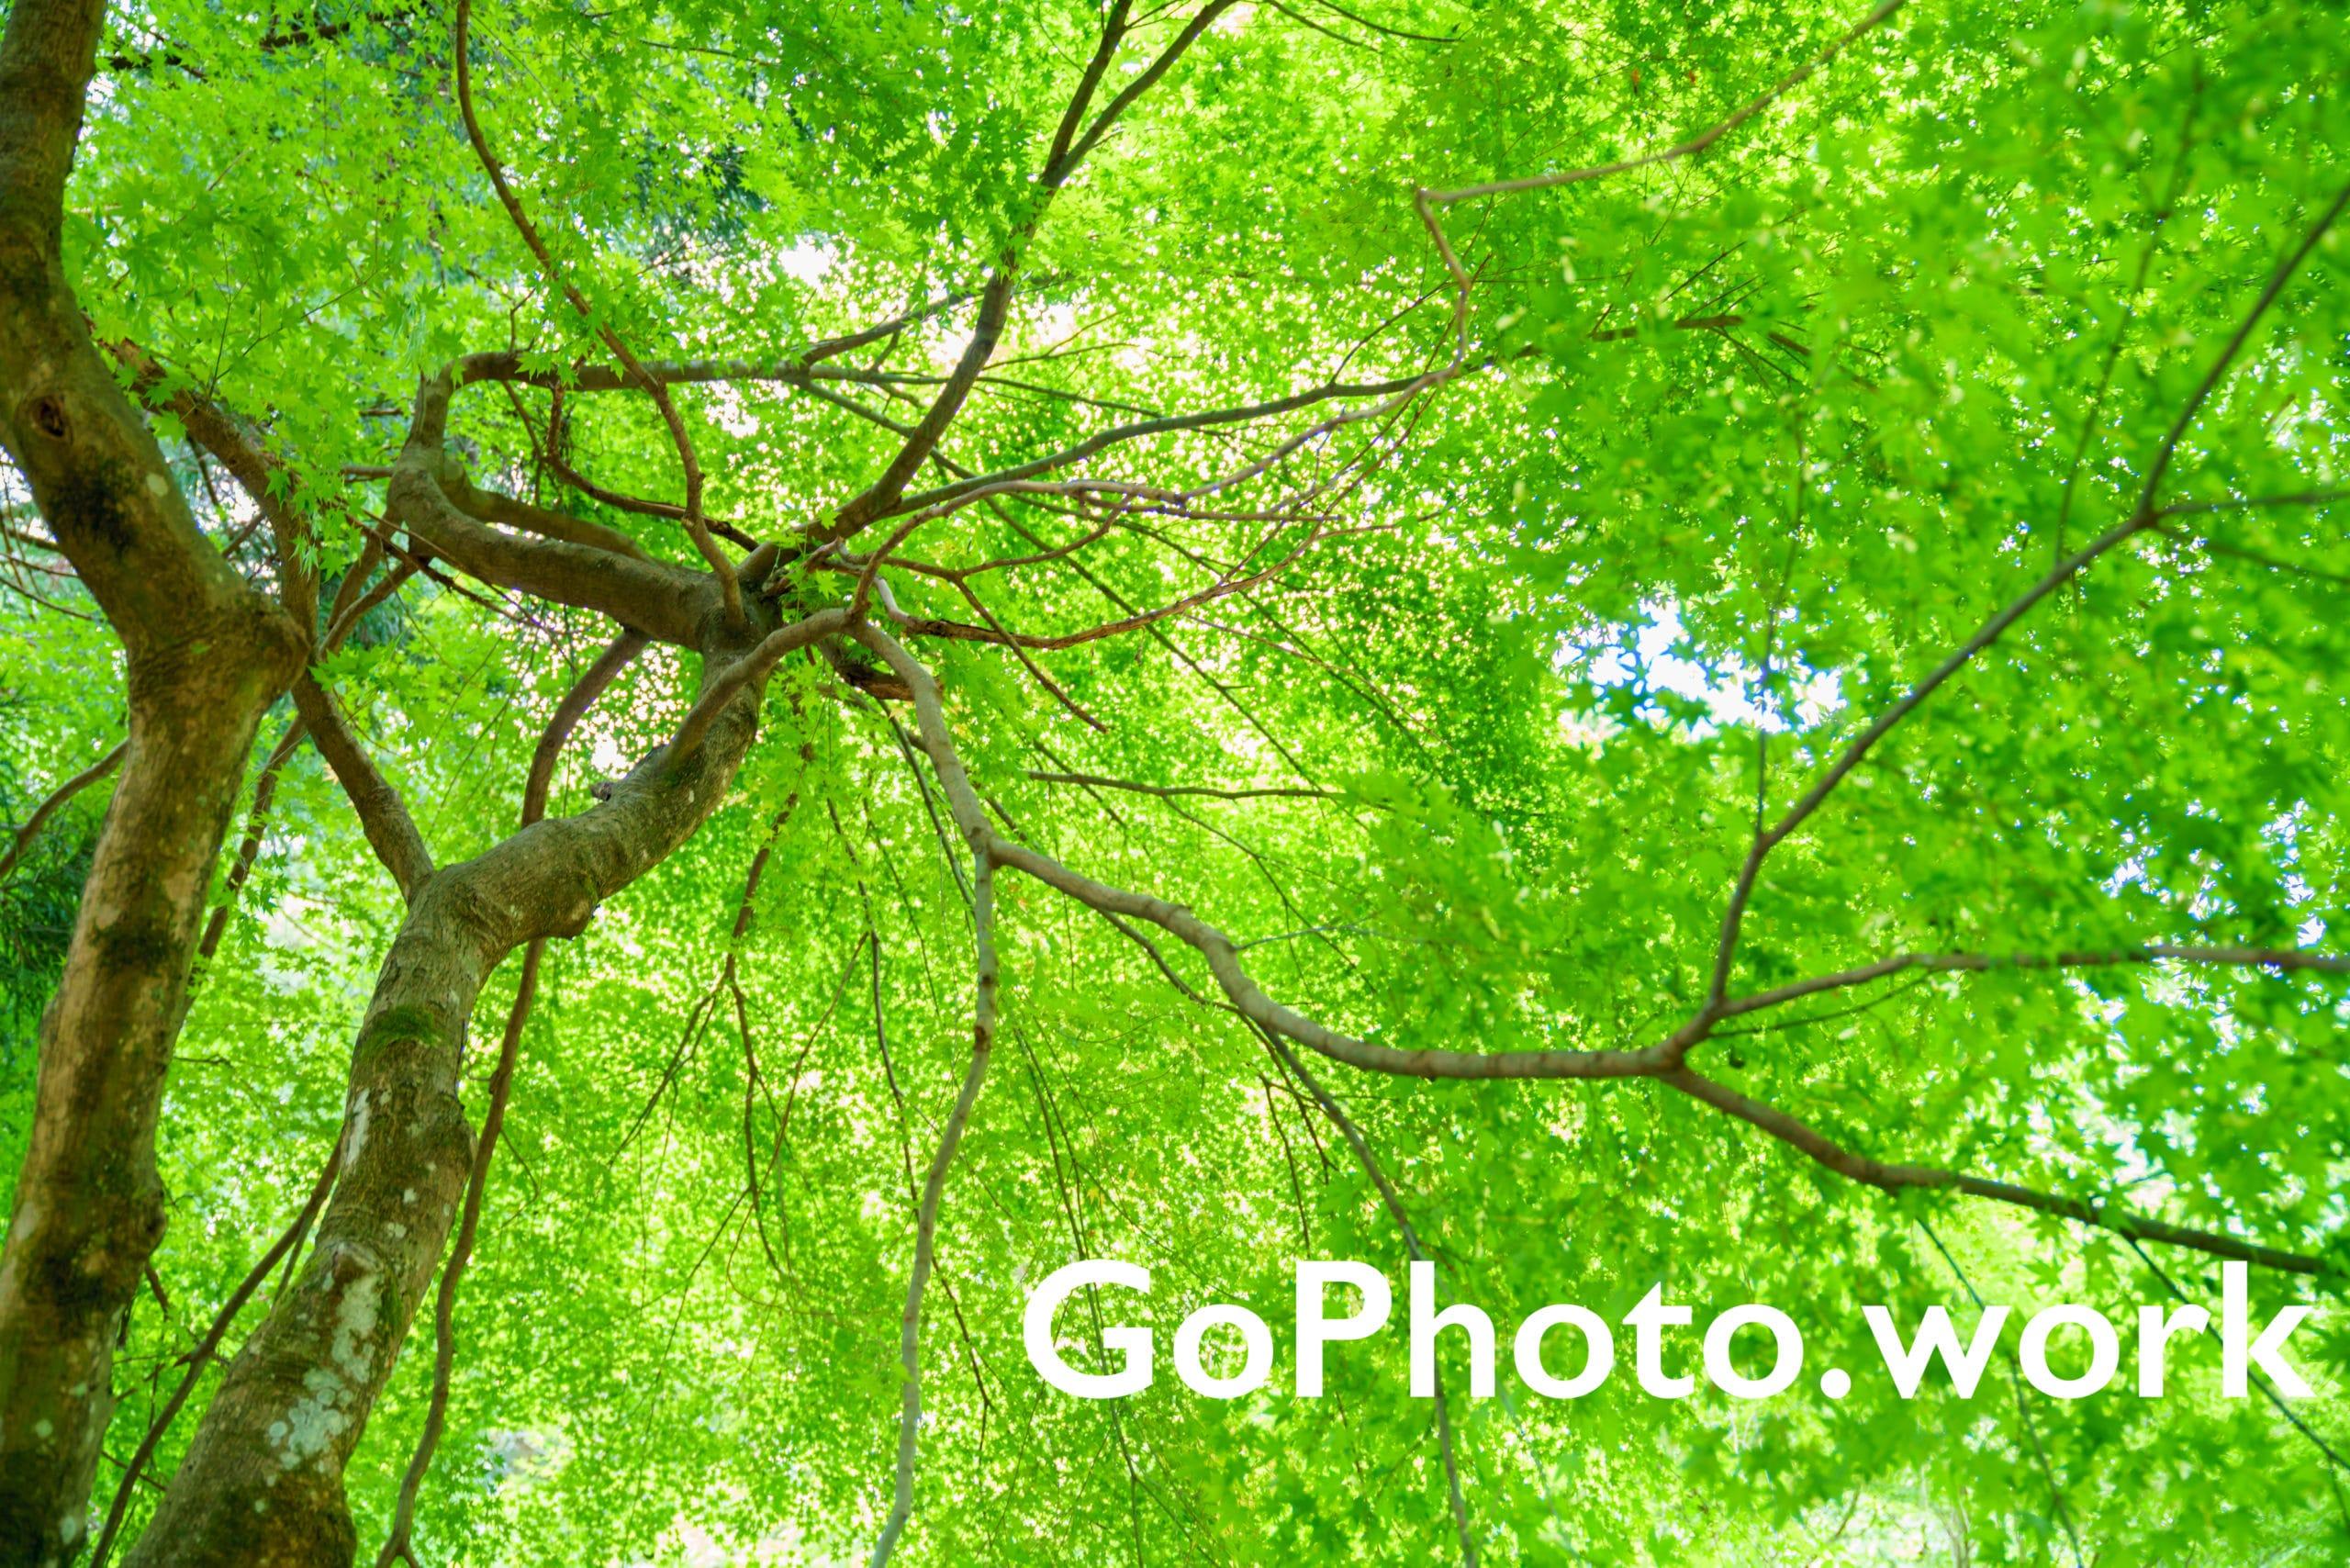 📷 GoPhoto.work